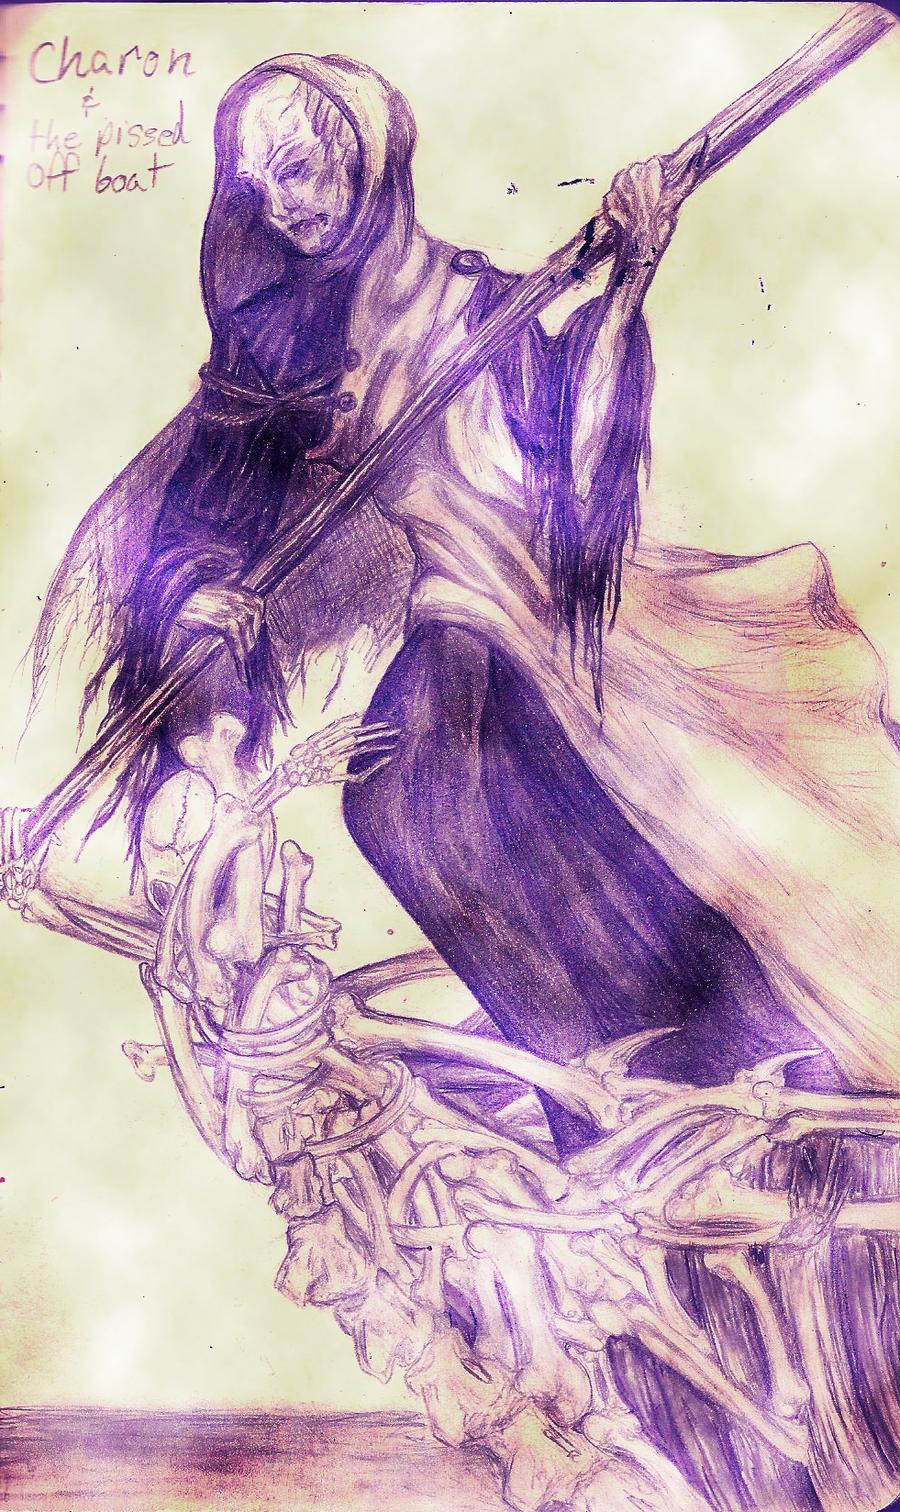 charon ferryman of the underworld by EAM6